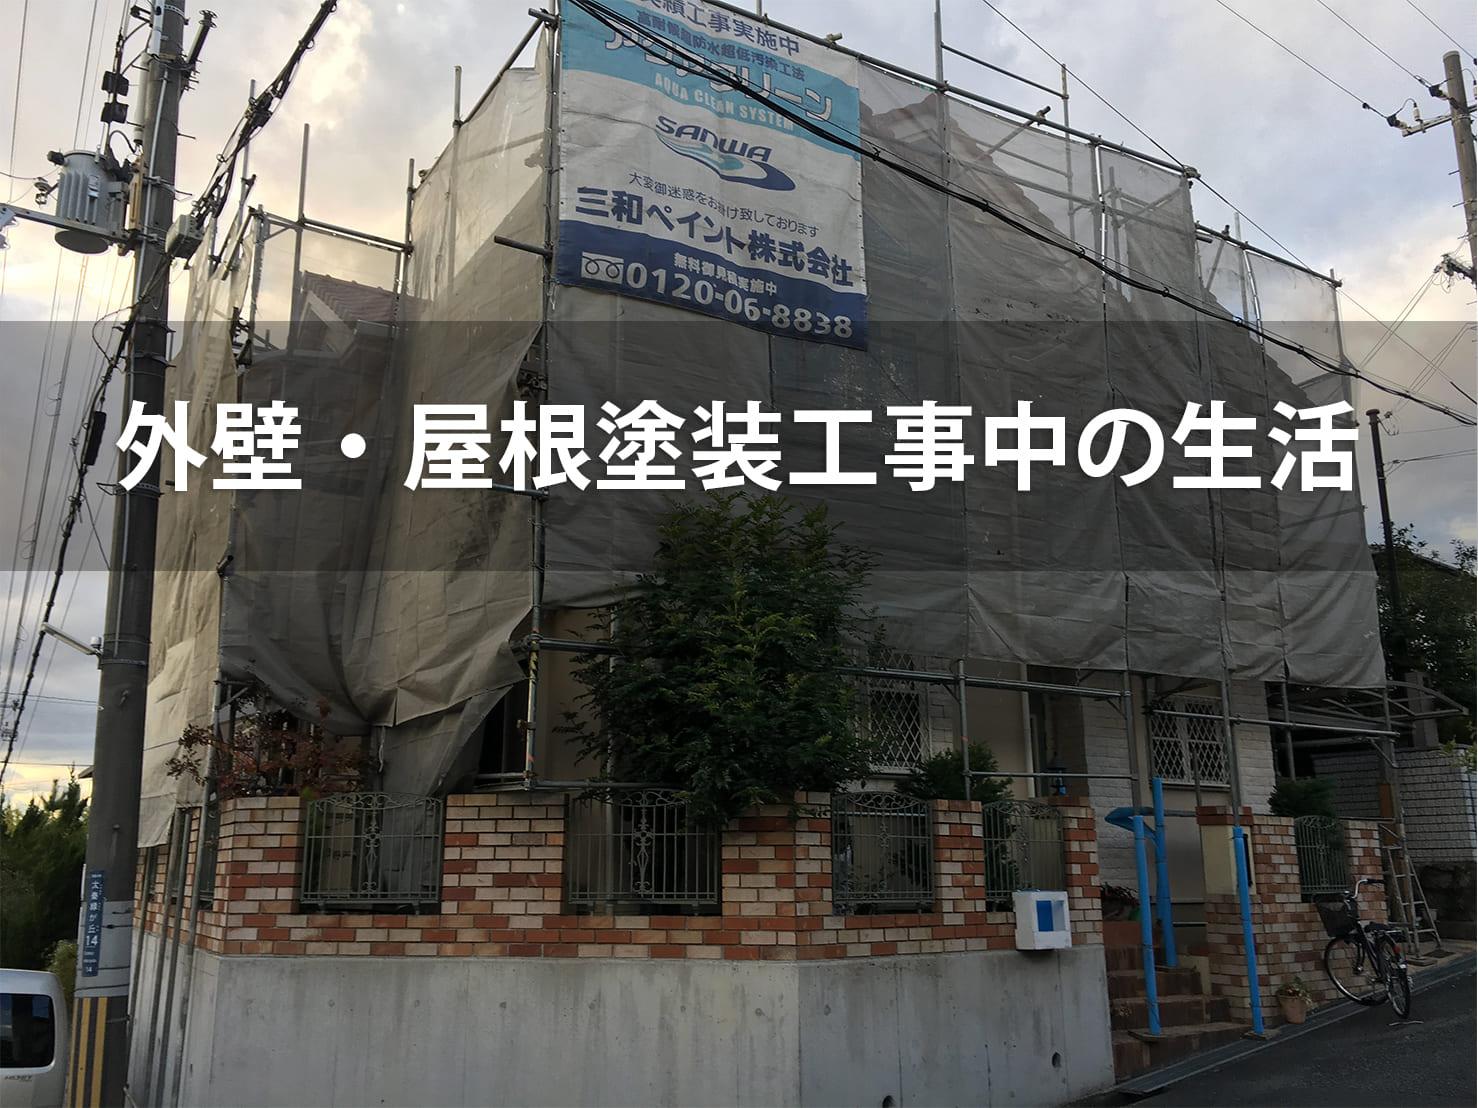 外壁・屋根塗装工事中の生活